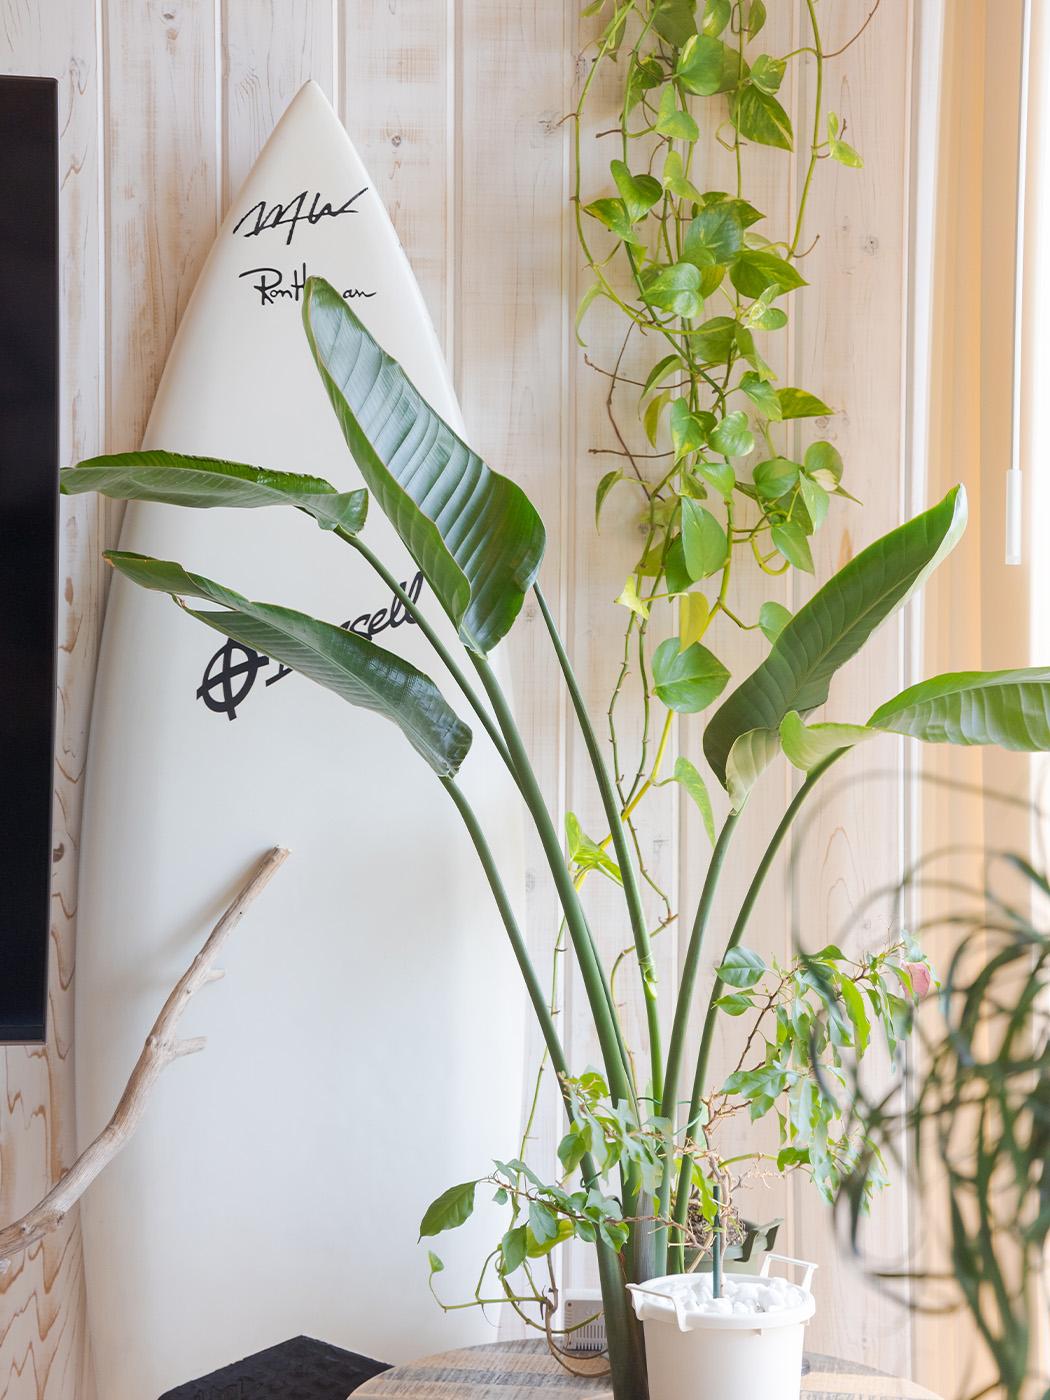 室内には観葉植物がたくさん。